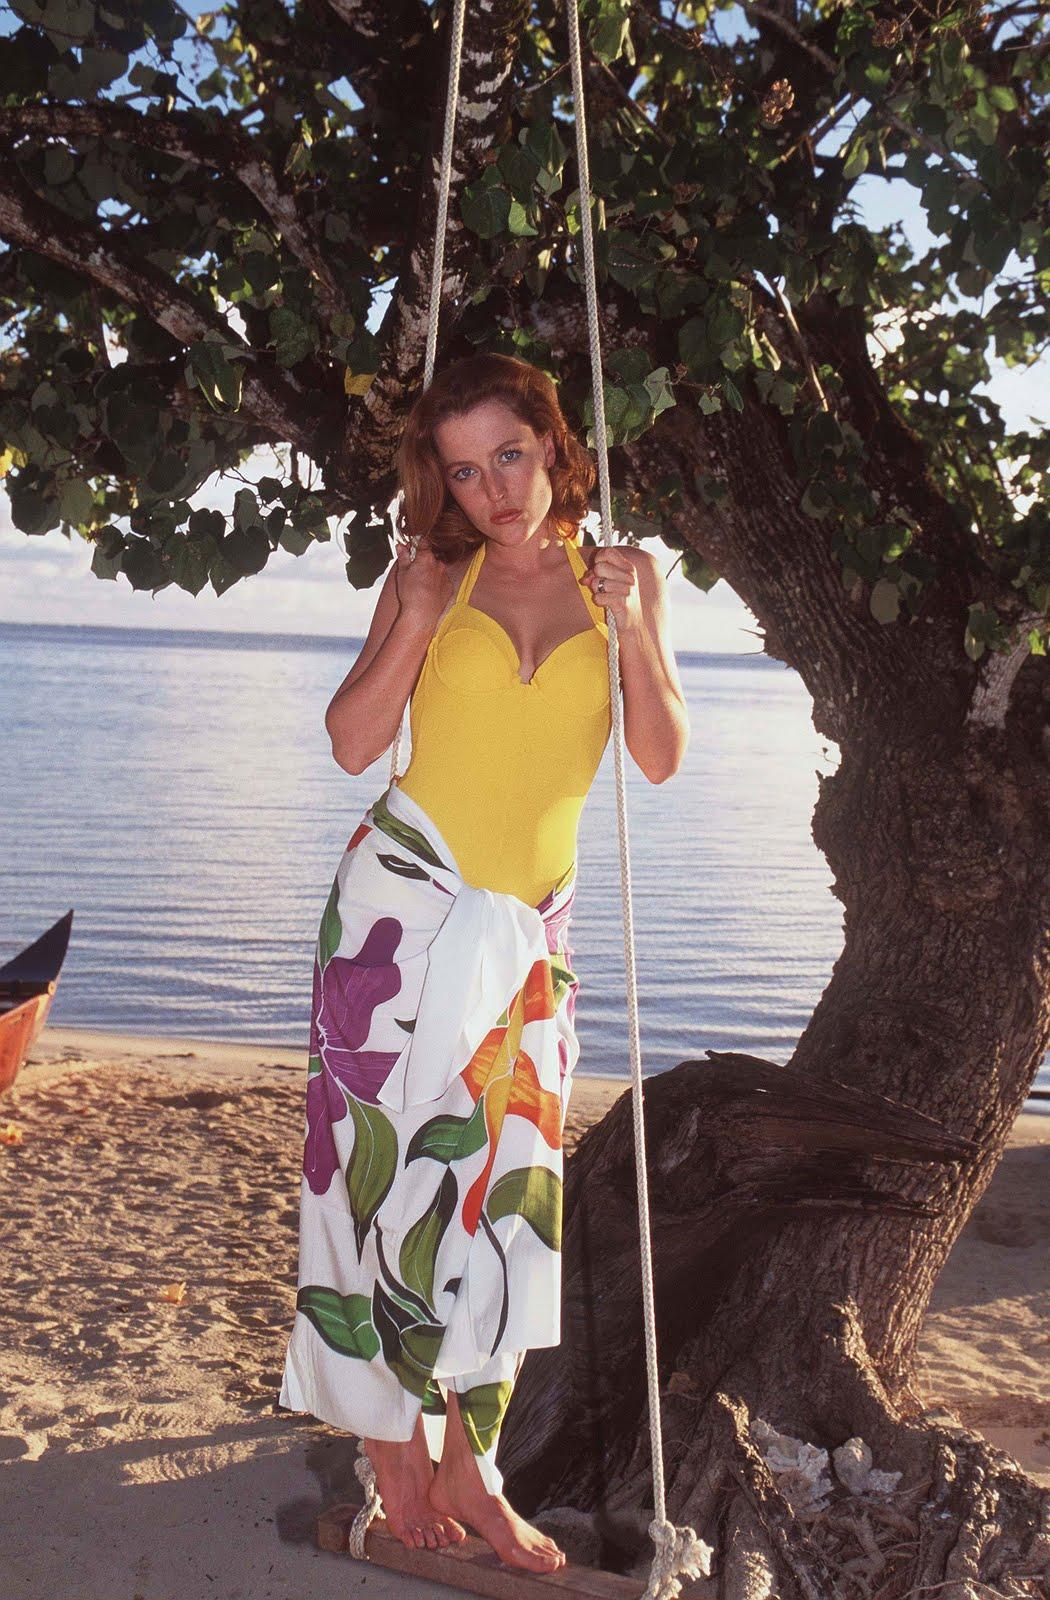 http://3.bp.blogspot.com/_UaLWp72nij4/S8i-O2LRZ4I/AAAAAAAAHn4/zj1G52WnjAc/s1600/gillian-anderson-feet-2.jpg